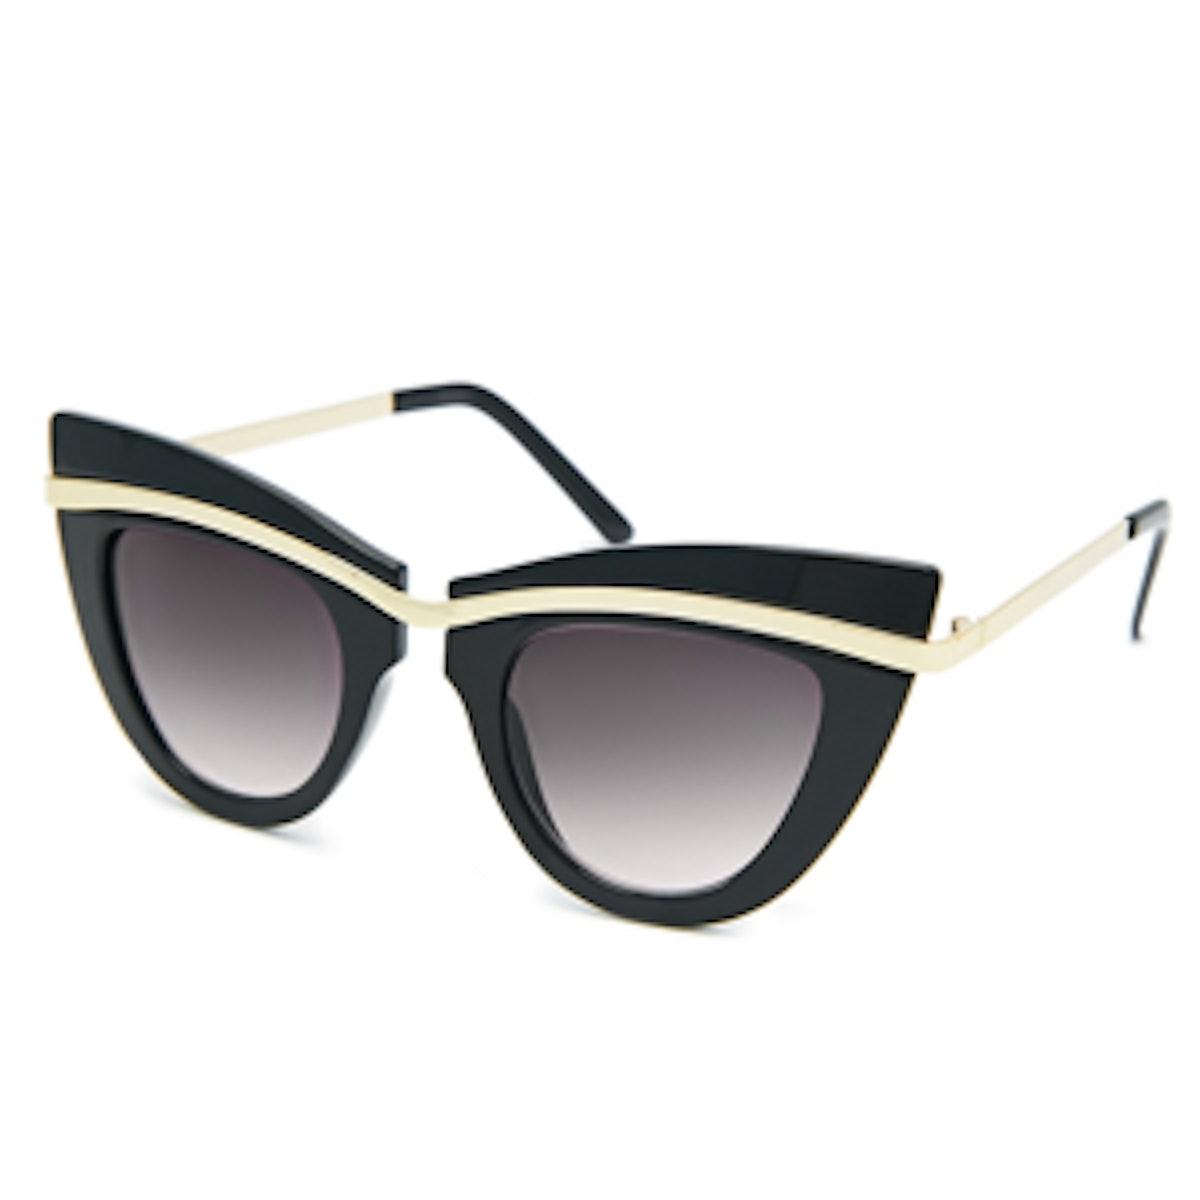 Metal-Top Cat-Eye Sunglasses